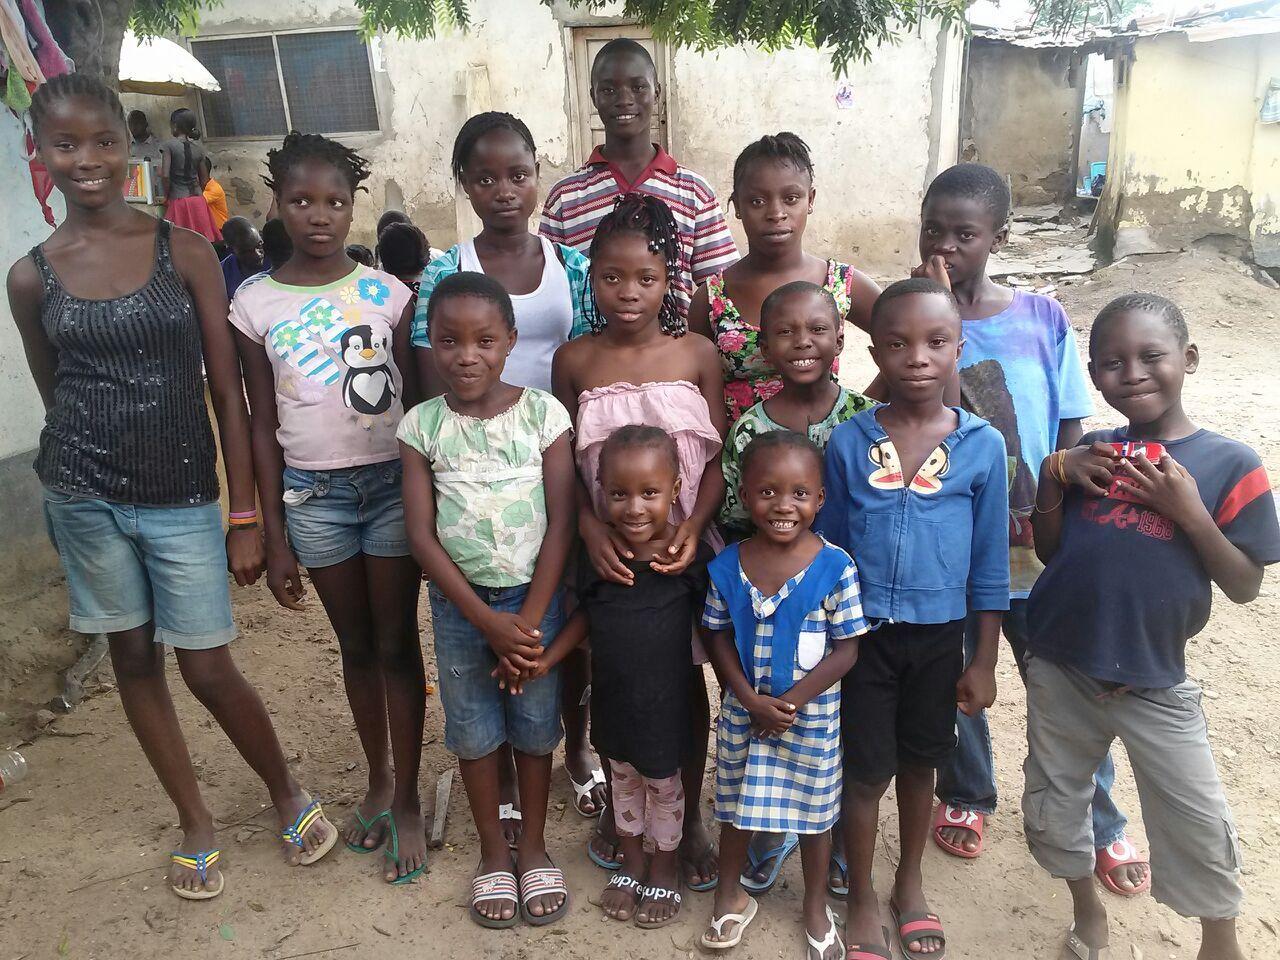 wir brauchen weihnachtsessen f r unsere kinder in afrika nur 1 50euro pro kind zu weihnachten. Black Bedroom Furniture Sets. Home Design Ideas